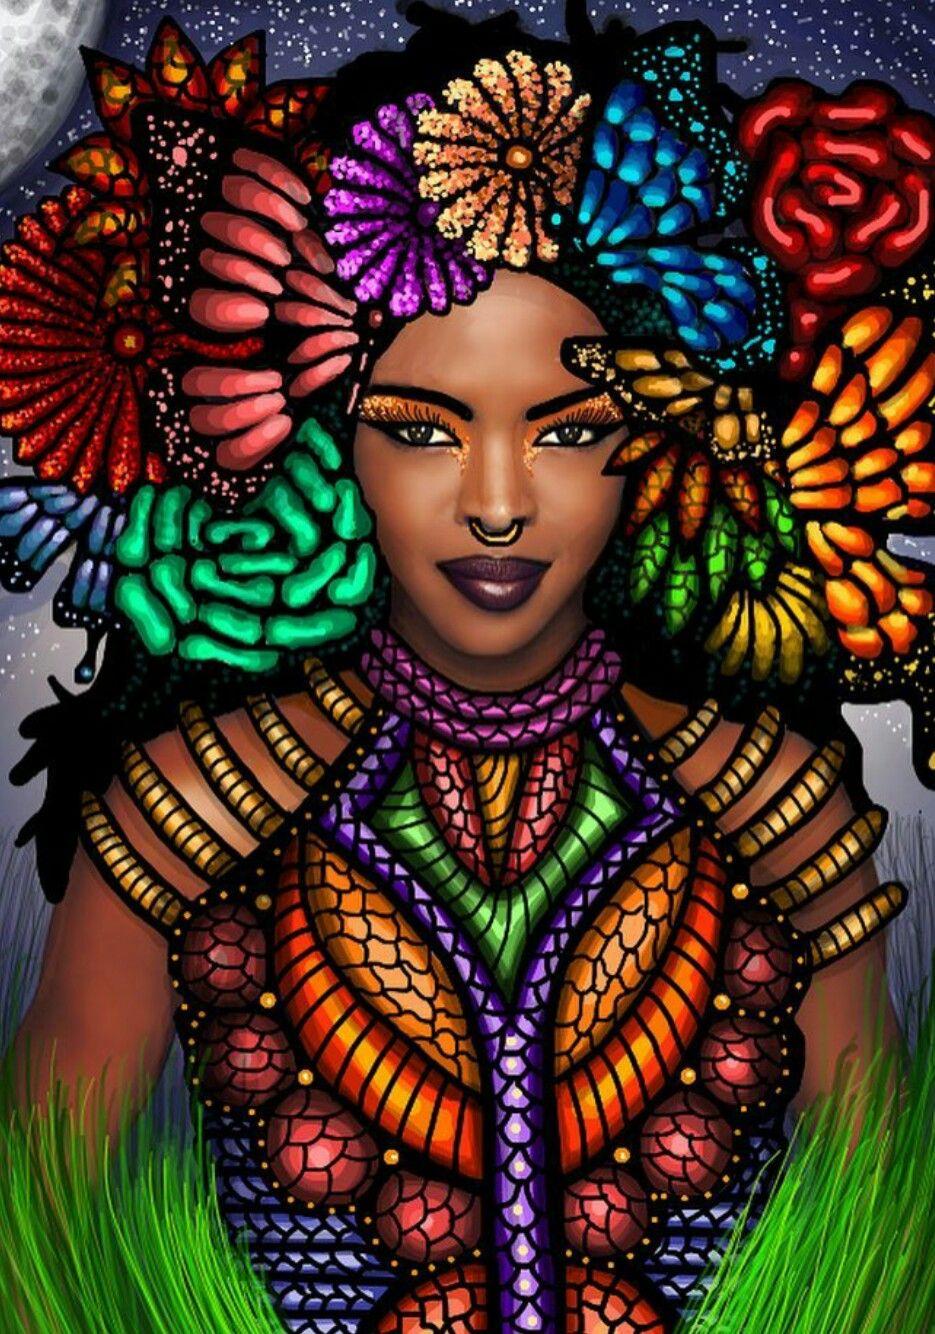 Pin by Wisdom's Wall on Black Art Black women art, Black